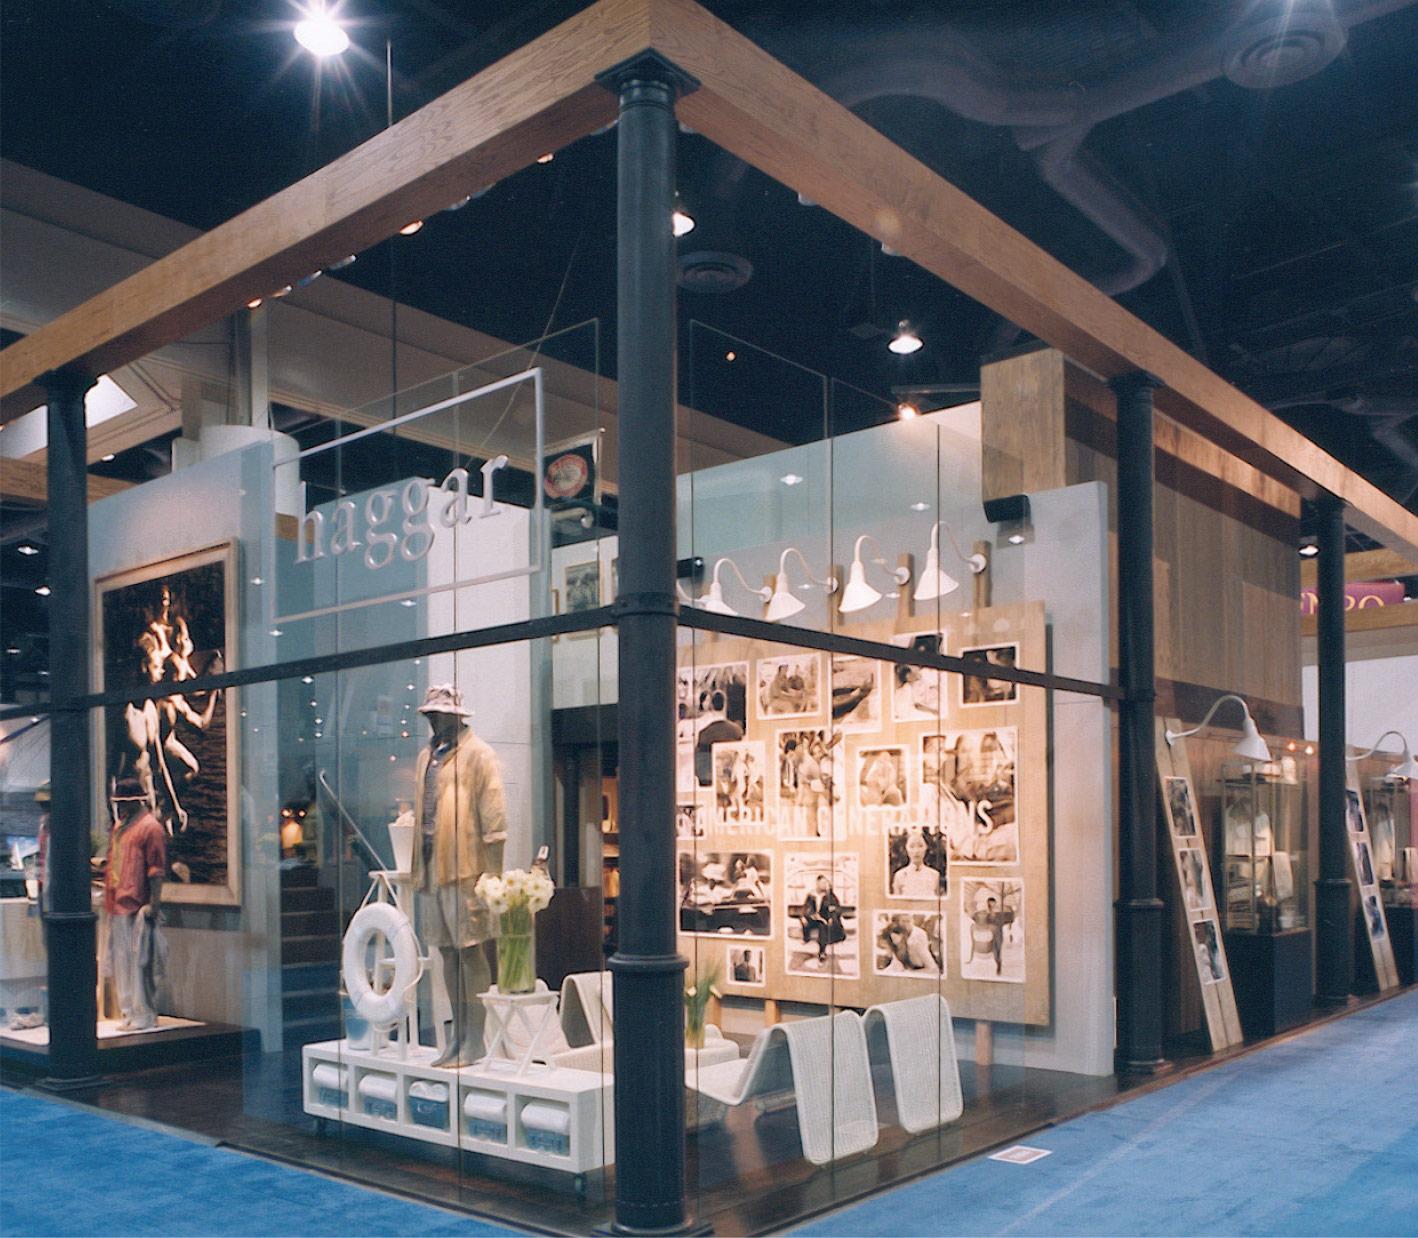 Haggar Clothing Company Trade Show Exhibit